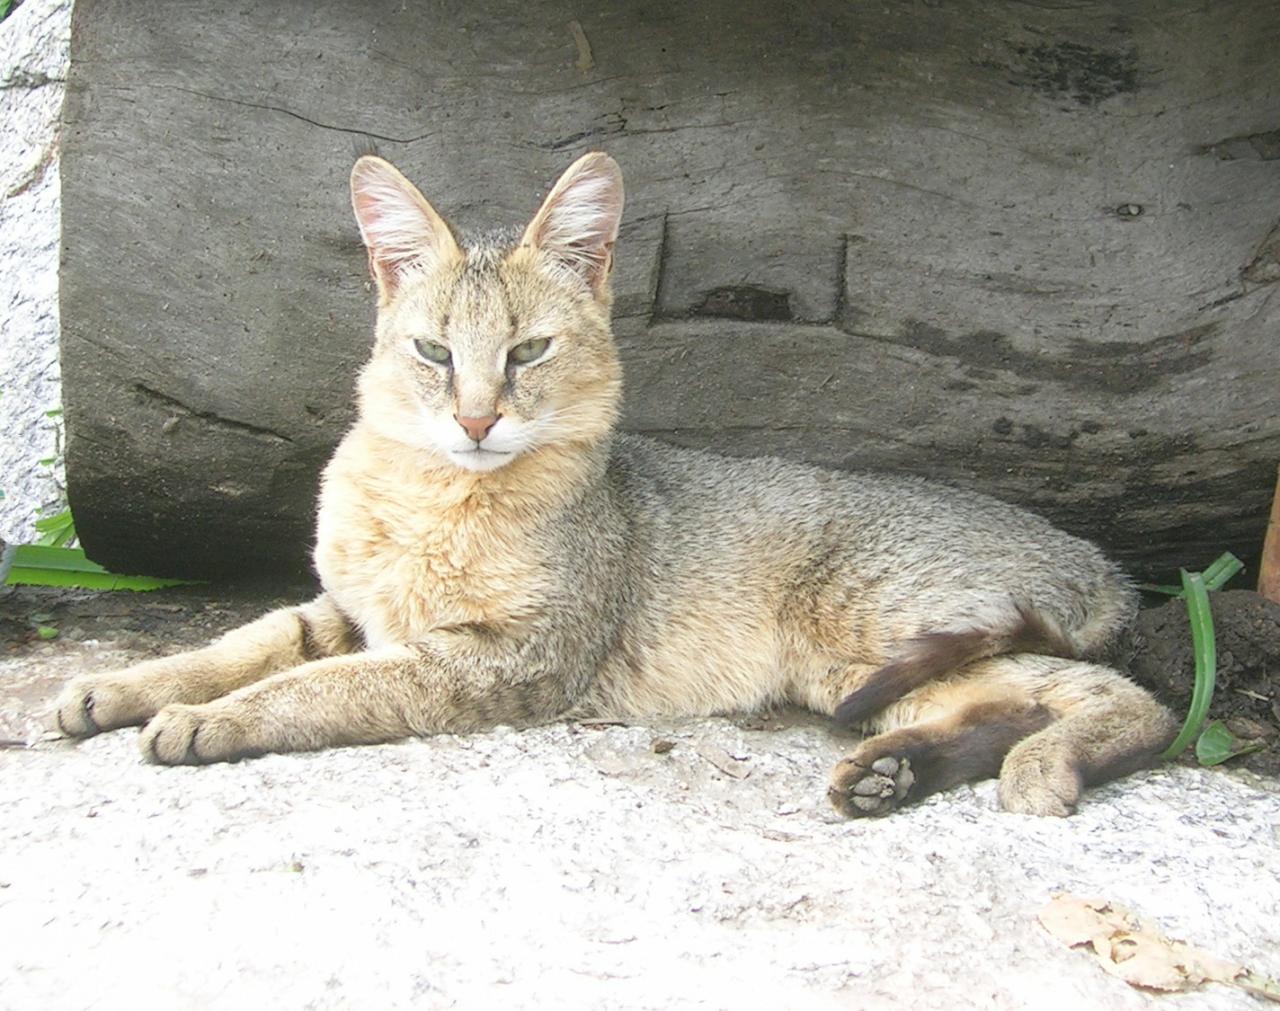 صورة هو حيوان بري اصغر من النمر , ما اسمه وشكله